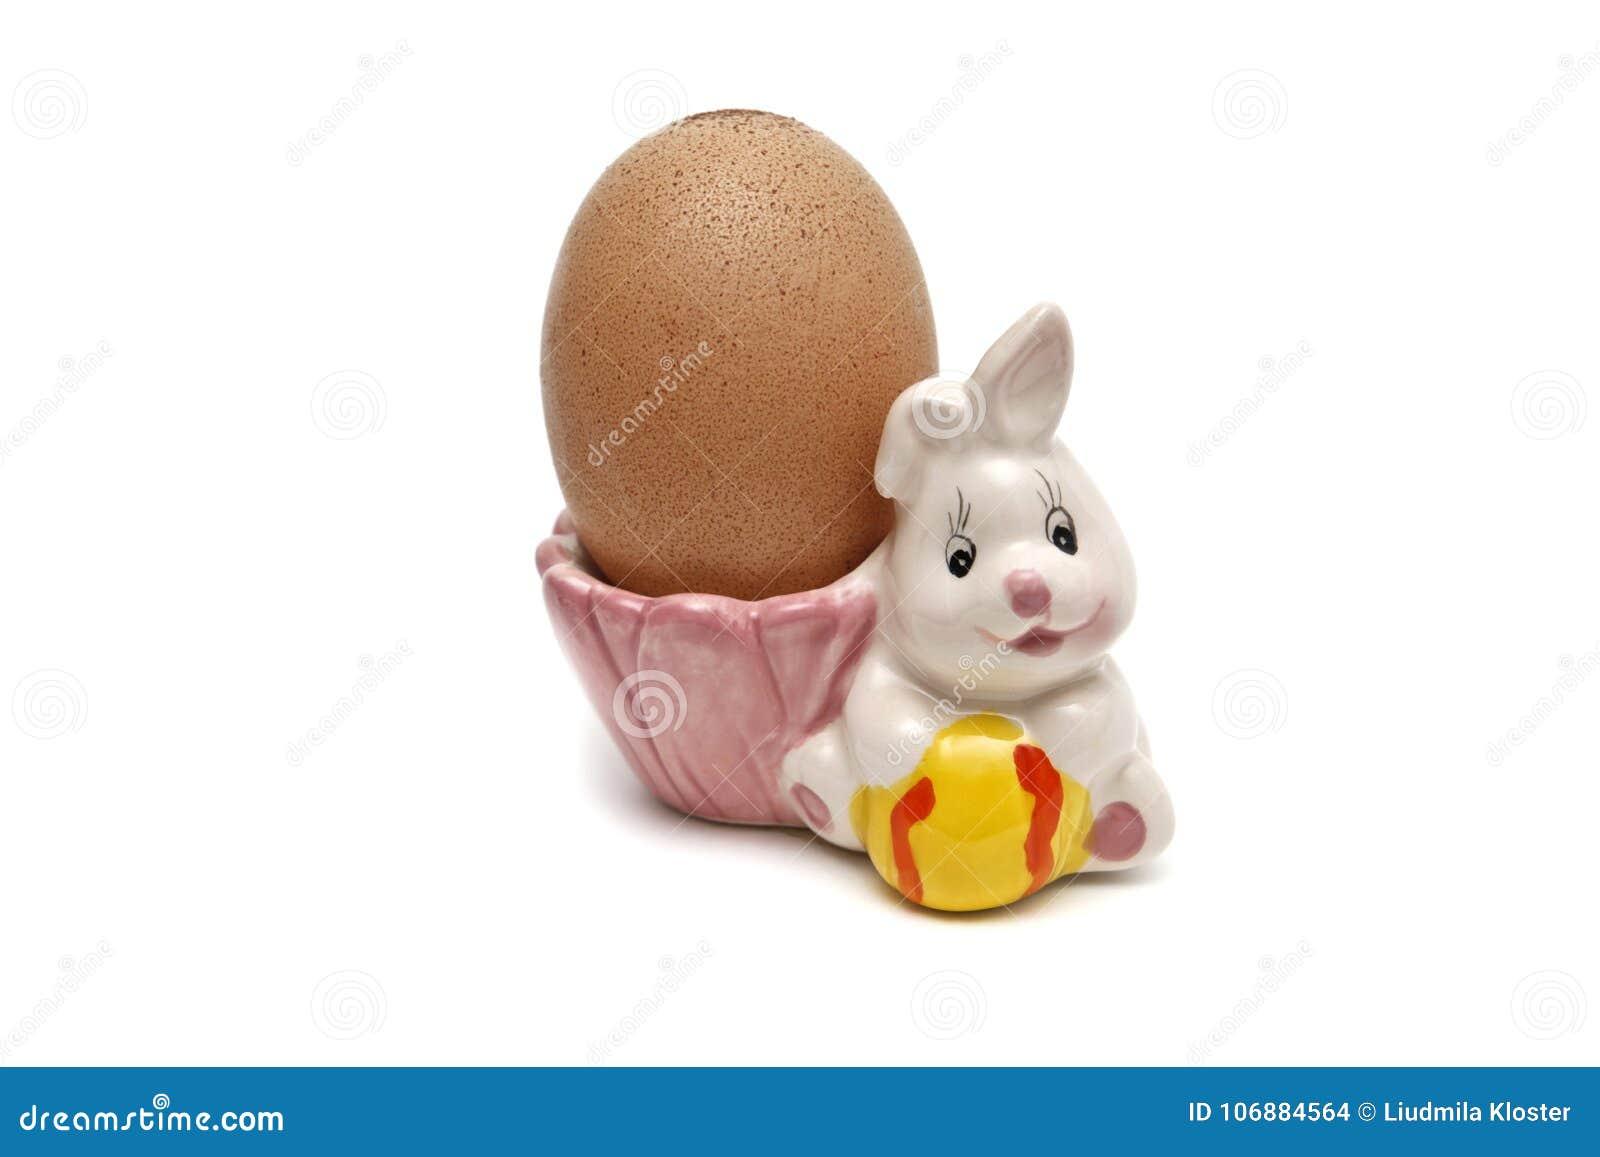 Figura festiva de uma lebre com um ovo